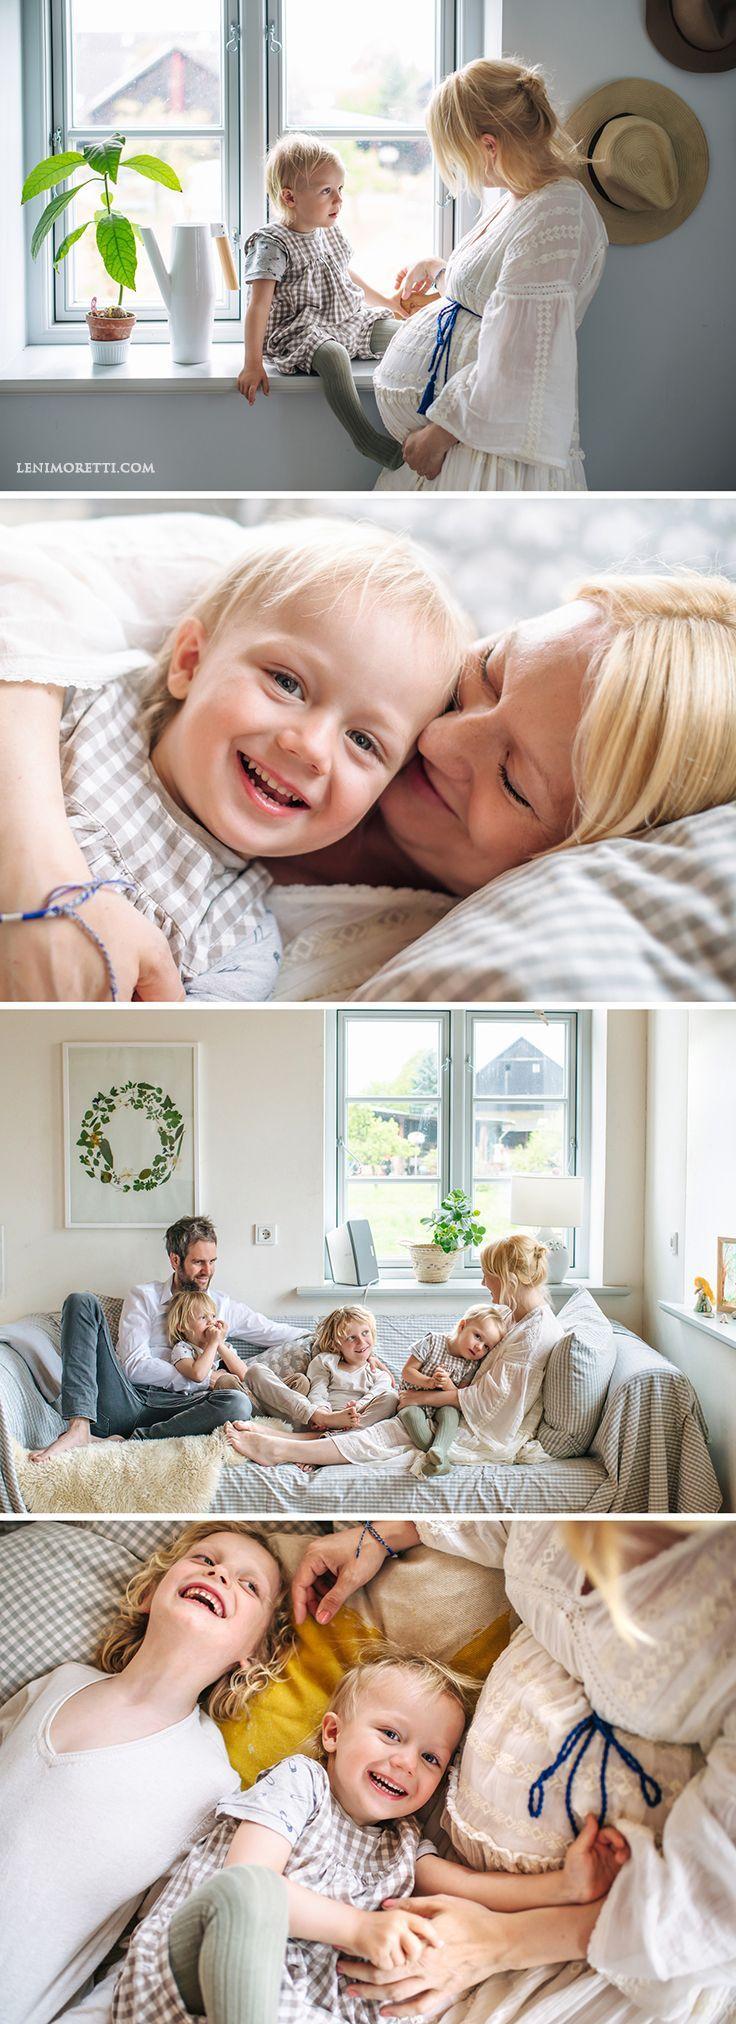 Familienfotos im eigenen Zuhause in Hamburg   Familien ...